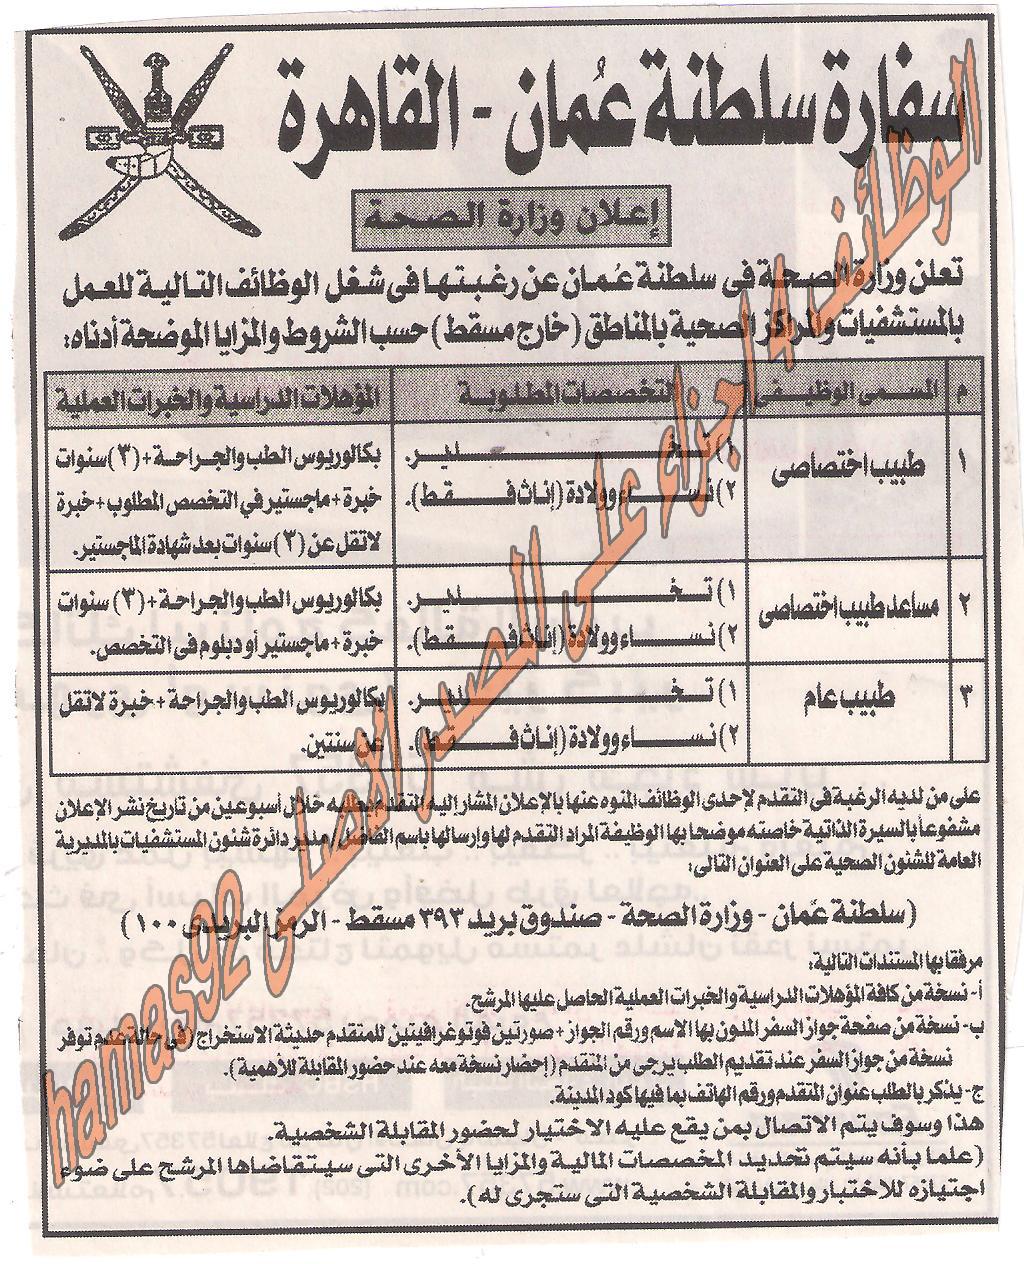 وظائف سفاره سلطنه عمان بالقاهره - وزاره الصحه Picture+011